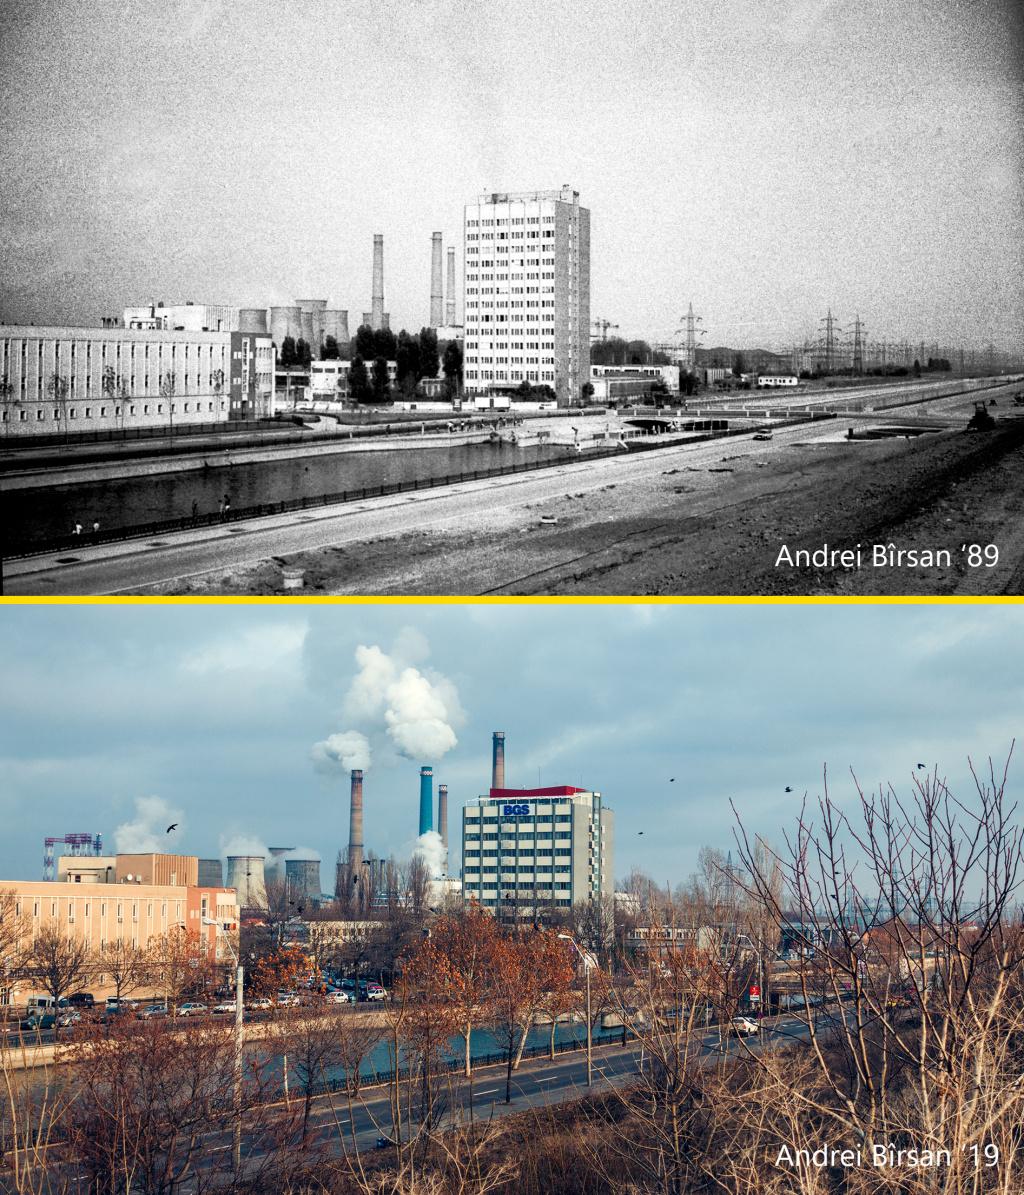 [GALERIE FOTO] Fotograful Andrei Birsan, despre Bucurestiul in ultimii 30 de ani: Capitala s-a kitschosit, dar oamenii care vin ridica orasul - Foto 1 din 14